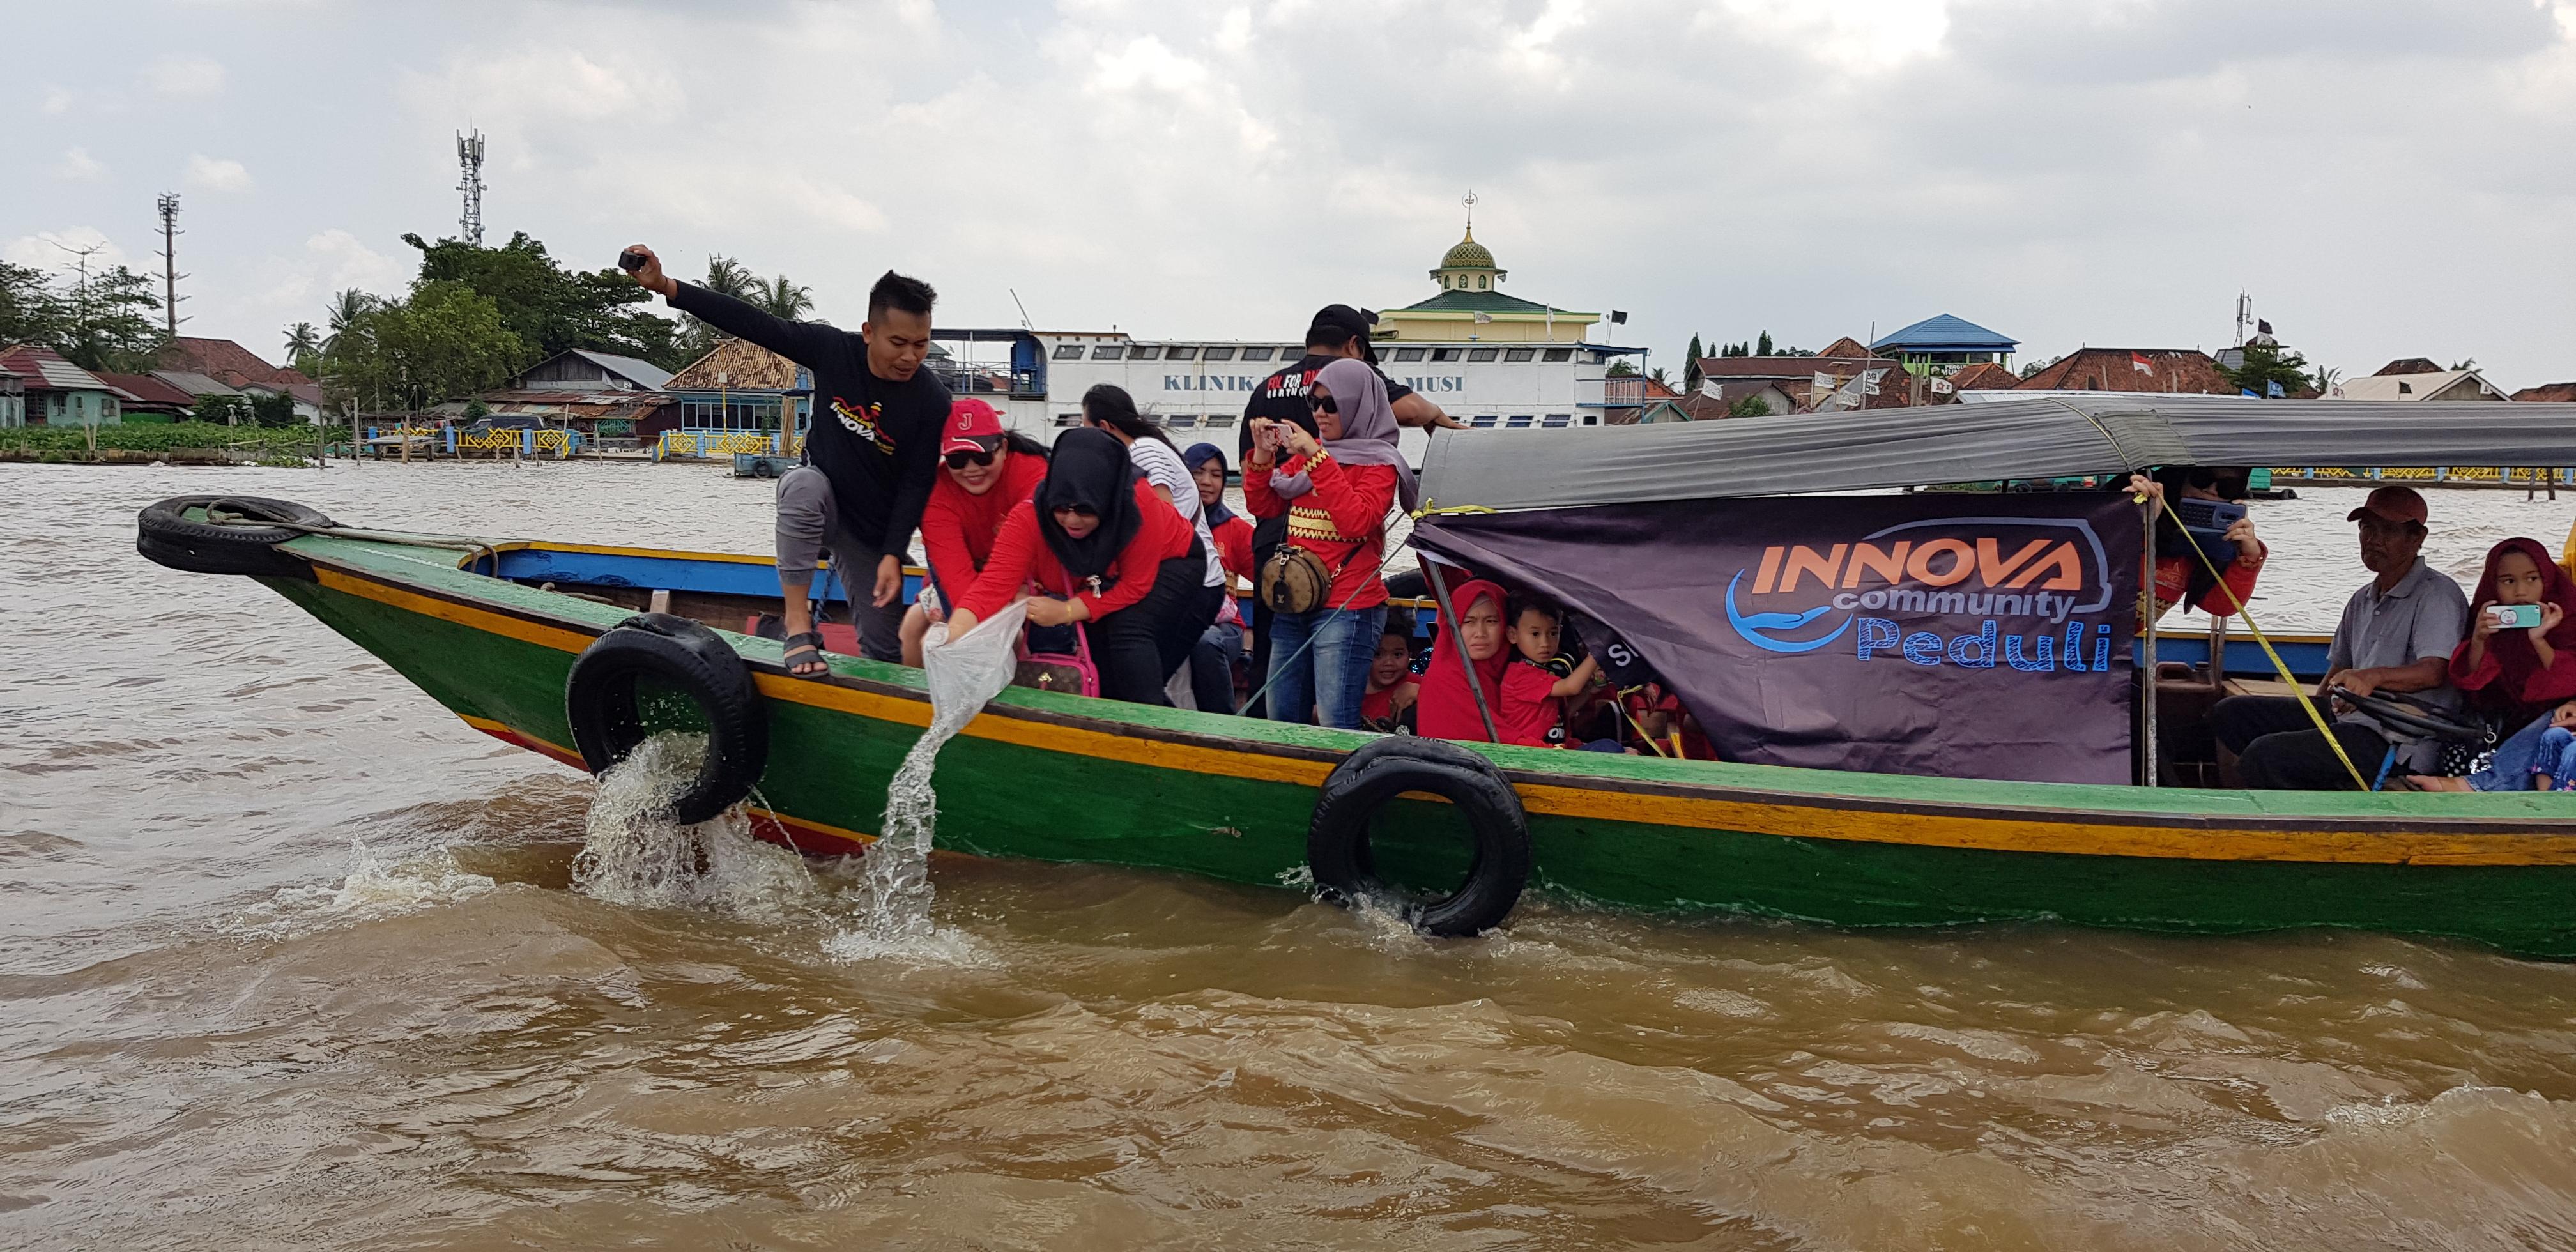 Innova Community menyebar bibit ikan belida di sungai Musi